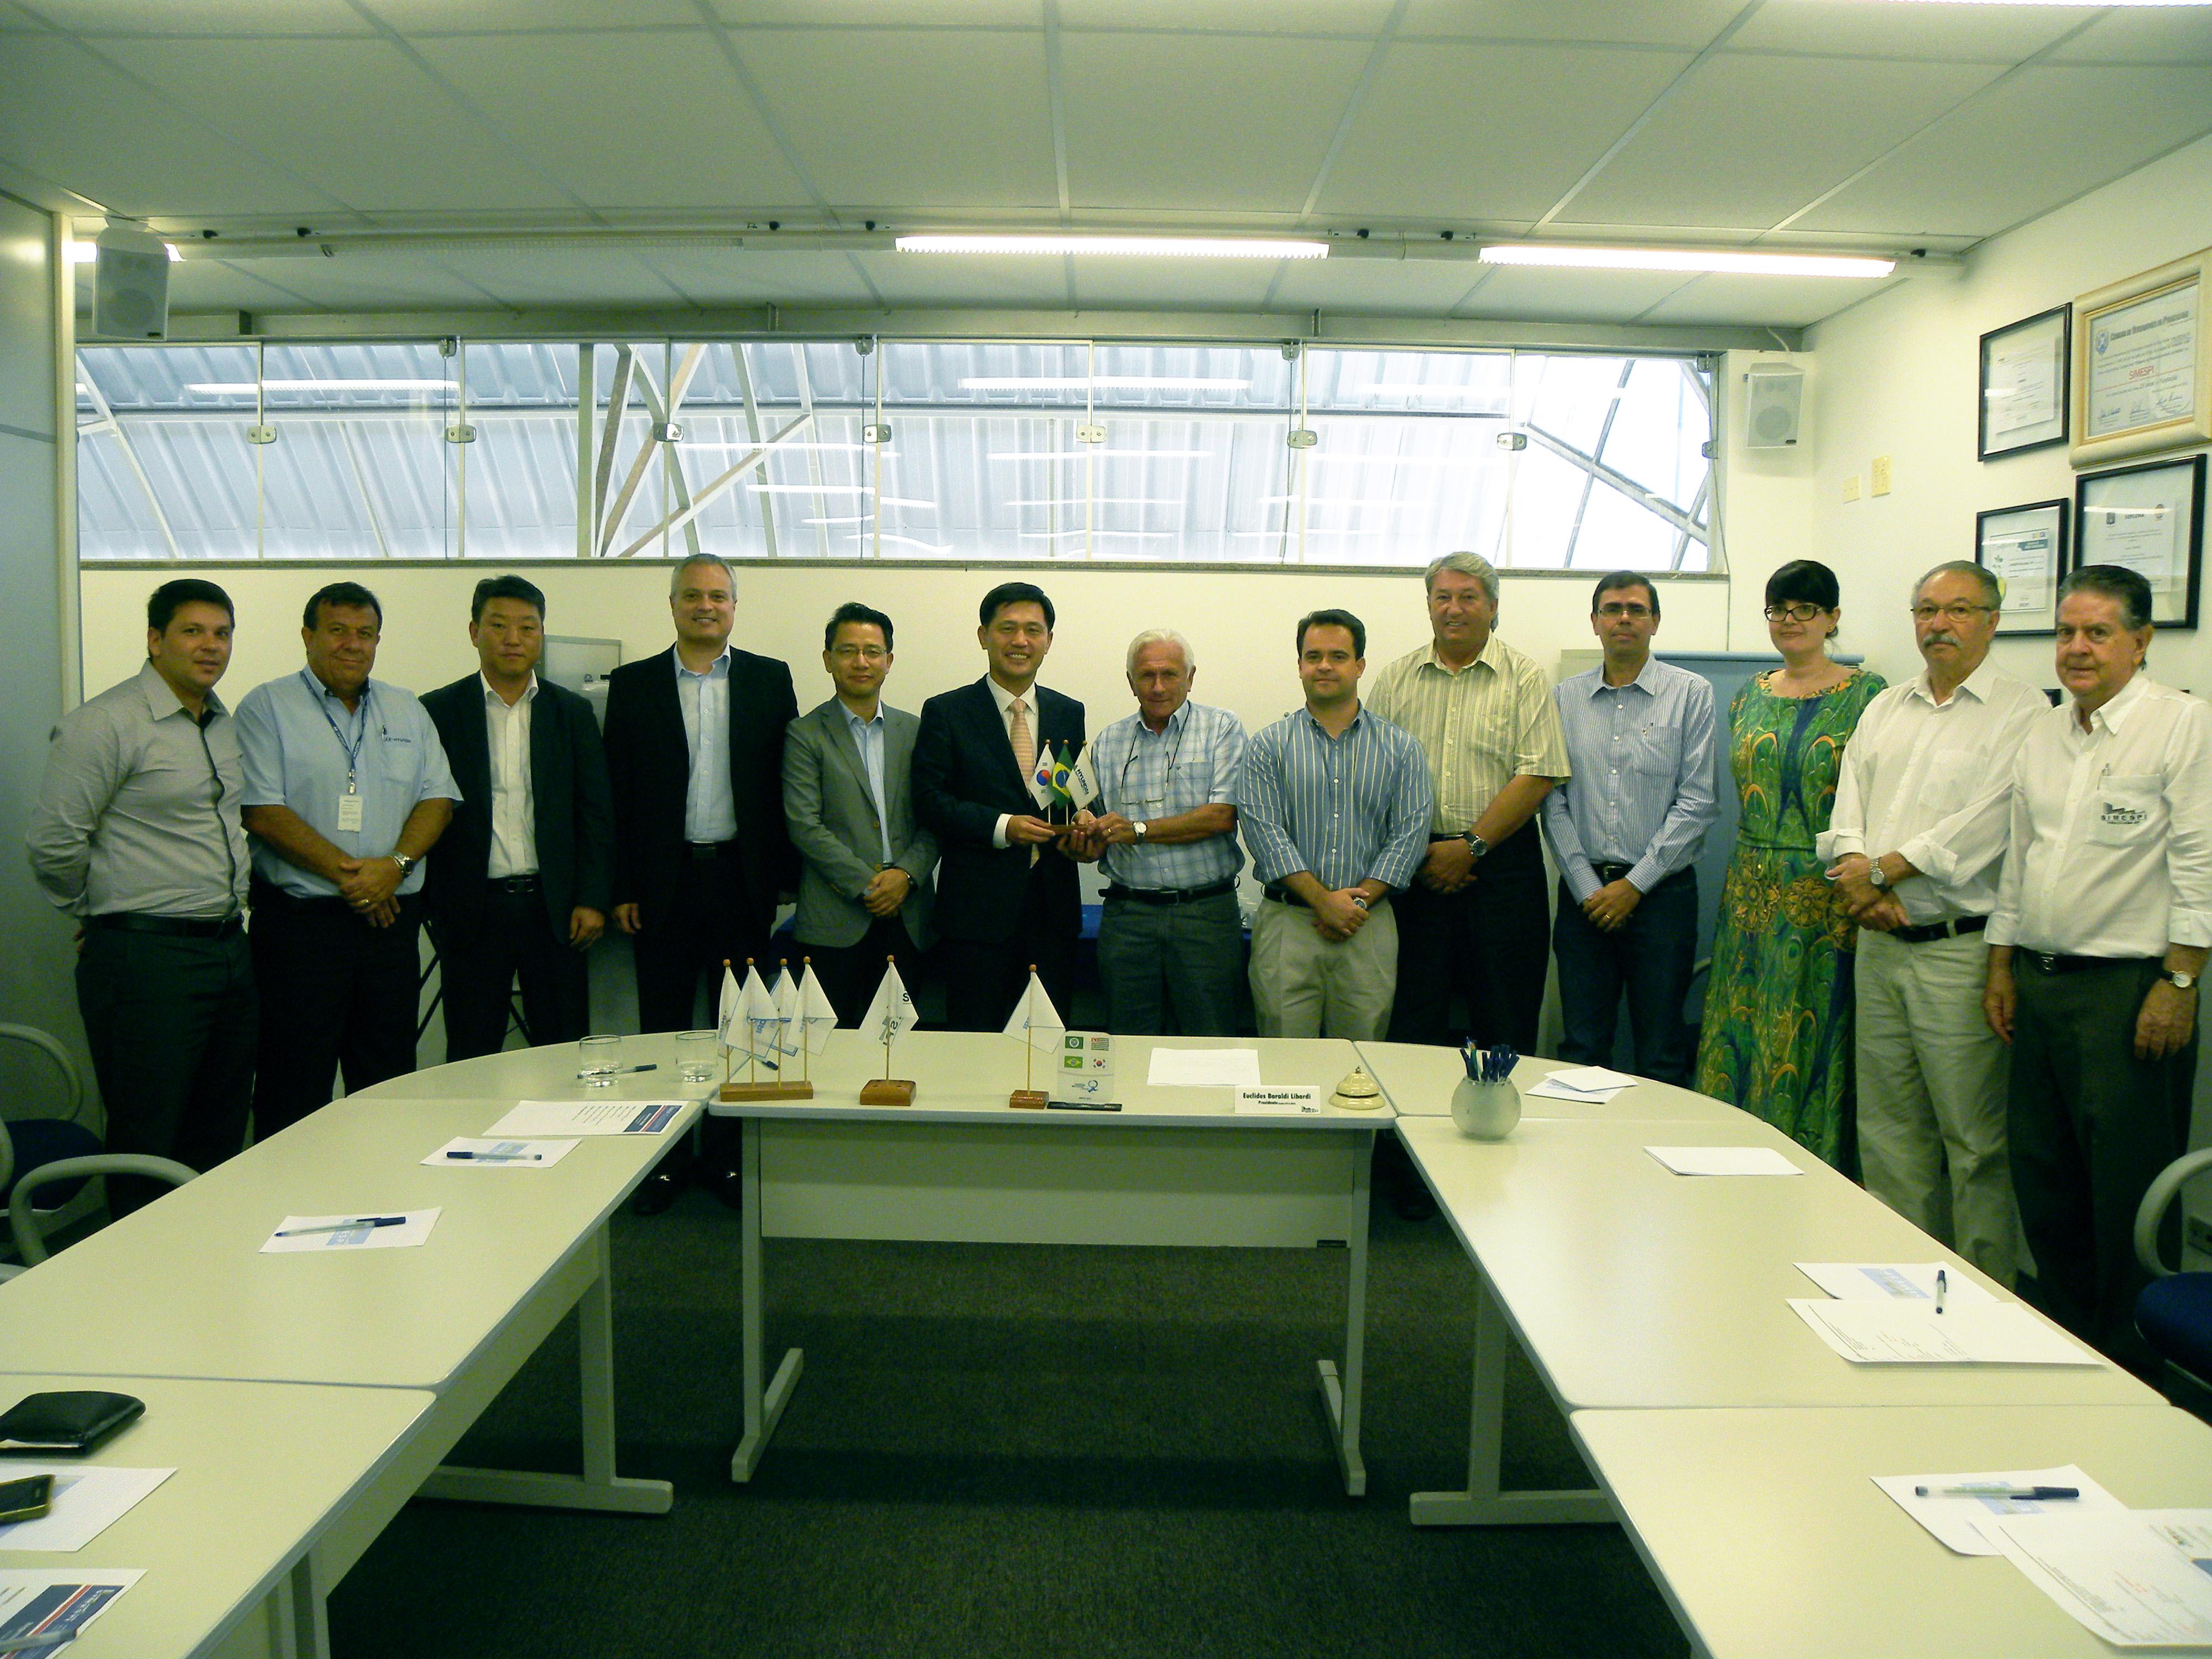 Presidente da Hyundai Brasil destaca importância do Simespi nas estratégias da unidade piracicabana